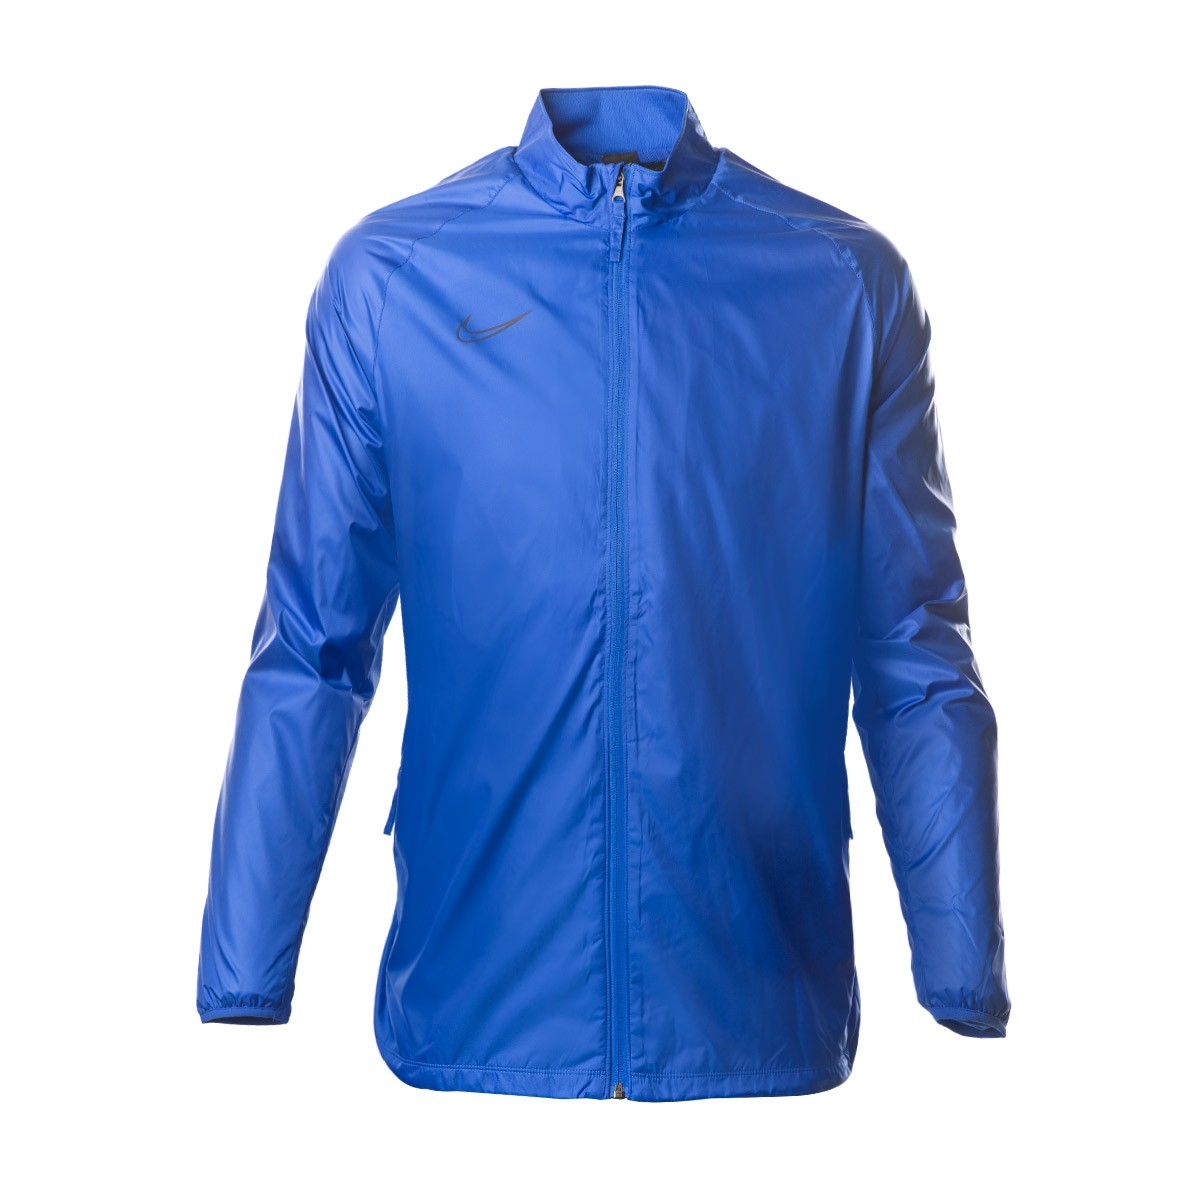 d1a01aab6 Jacket Nike Repel Academy Hyper royal-Obsidian - Football store ...